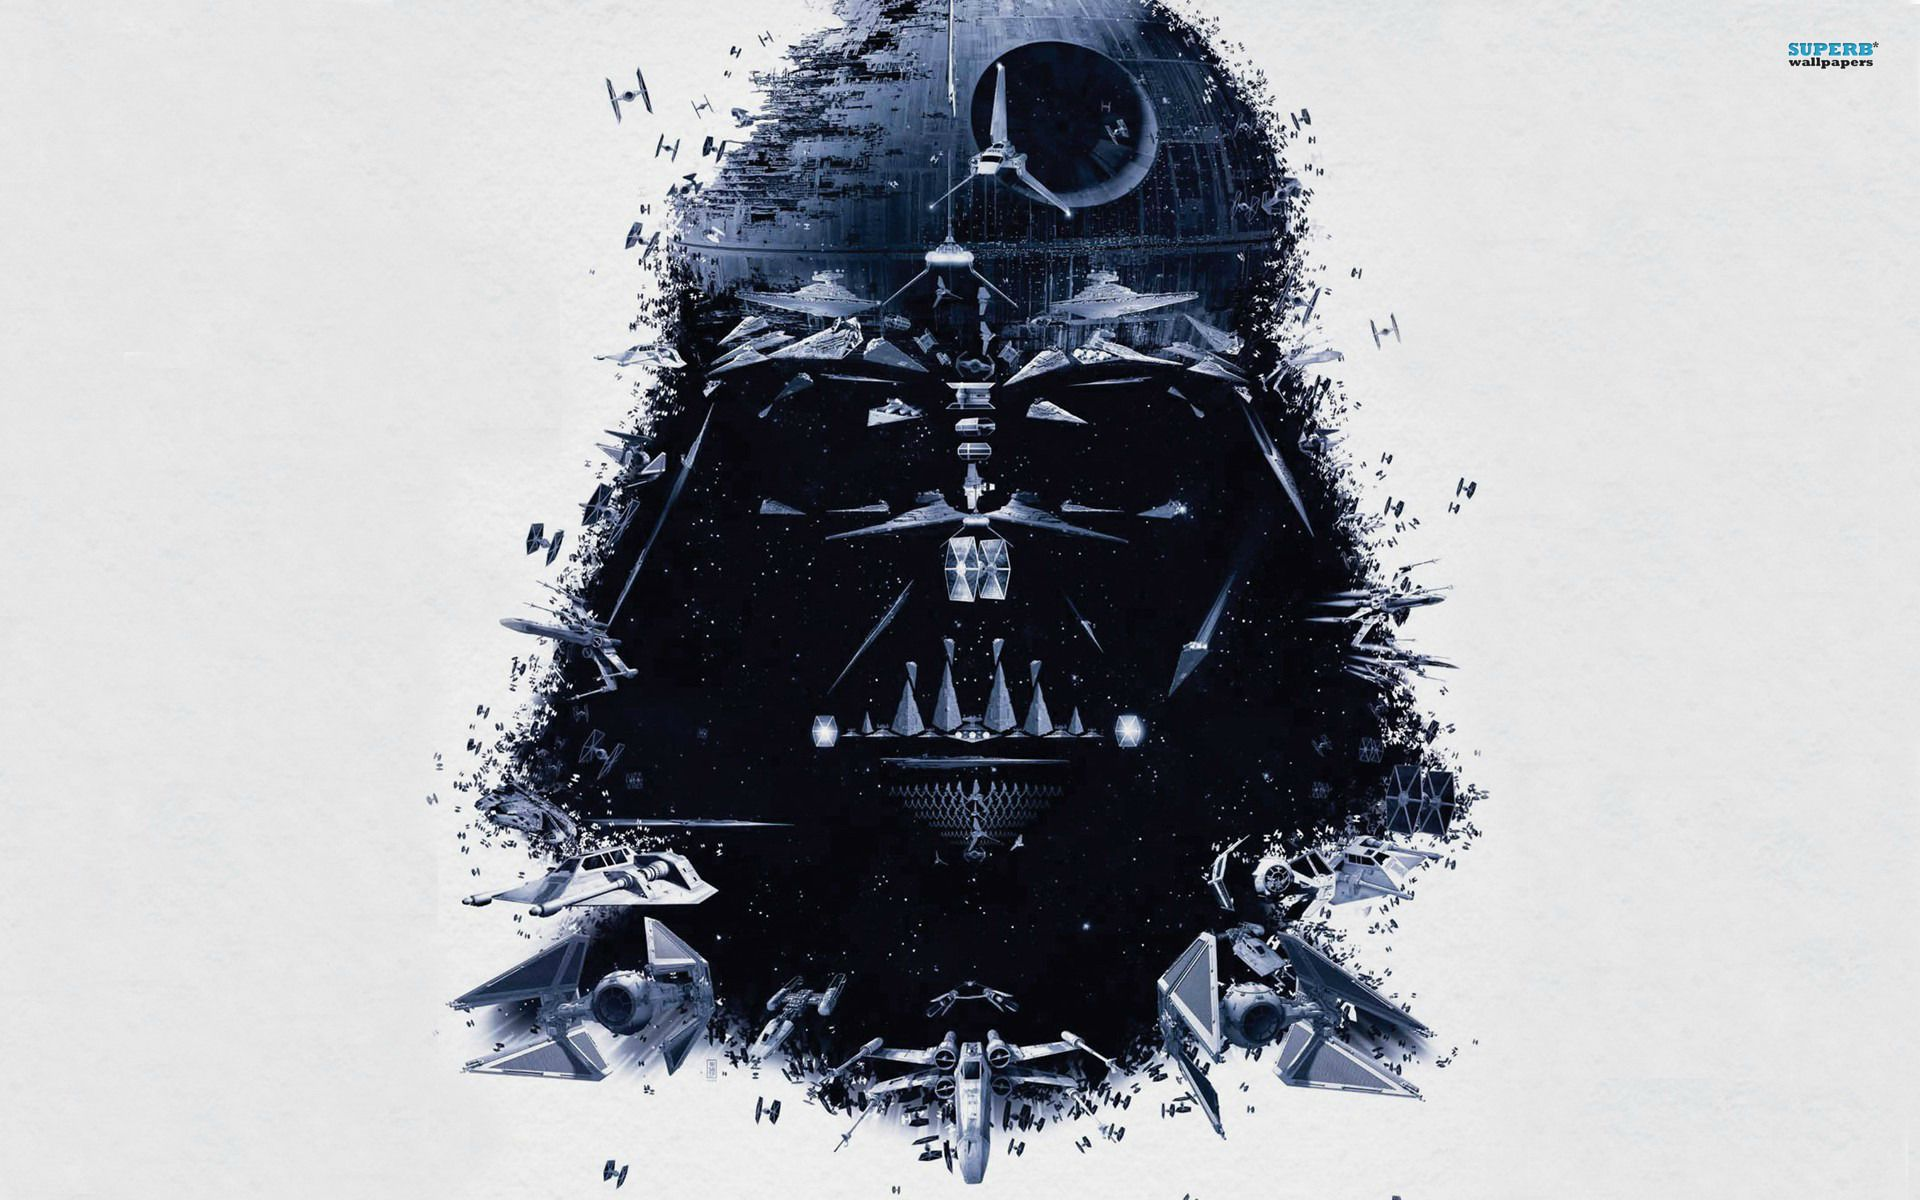 Lego Star Wars Darth Vader Wallpaper